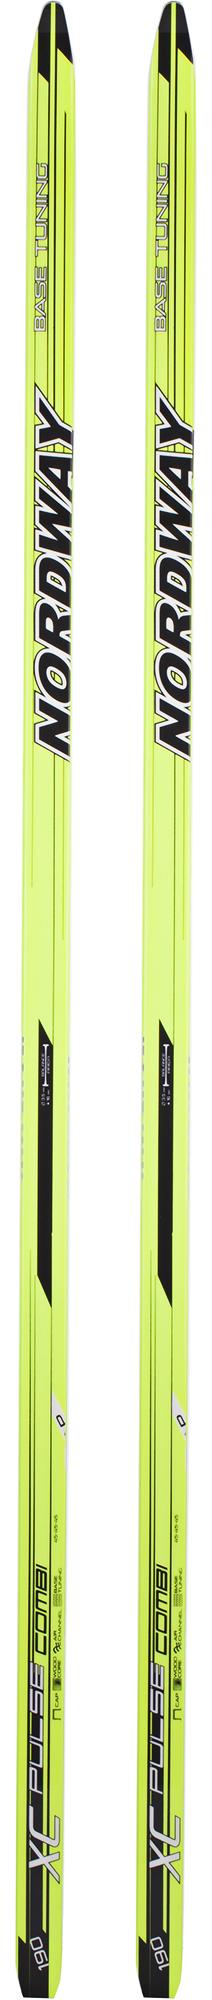 Nordway Беговые лыжи Nordway XC Pulse Combi лыжи беговые tisa top universal с креплением цвет желтый белый черный рост 182 см